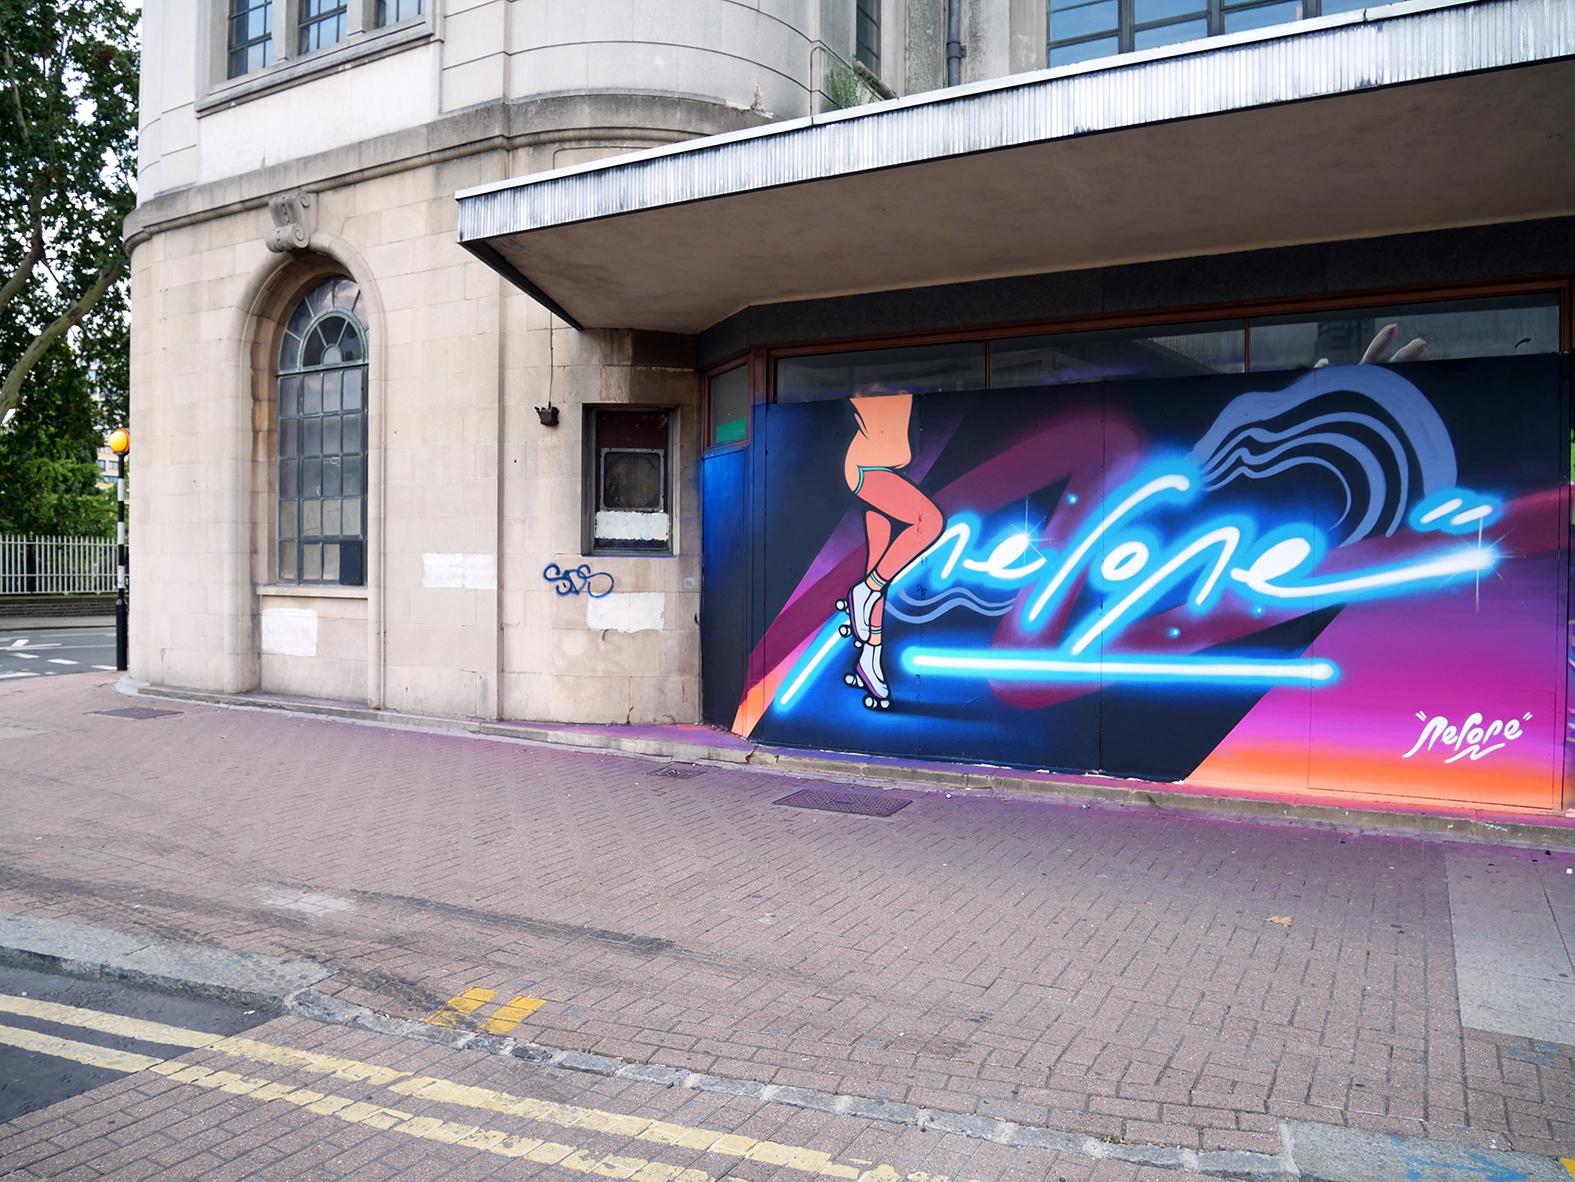 Nerone,risegallery-graffiti1